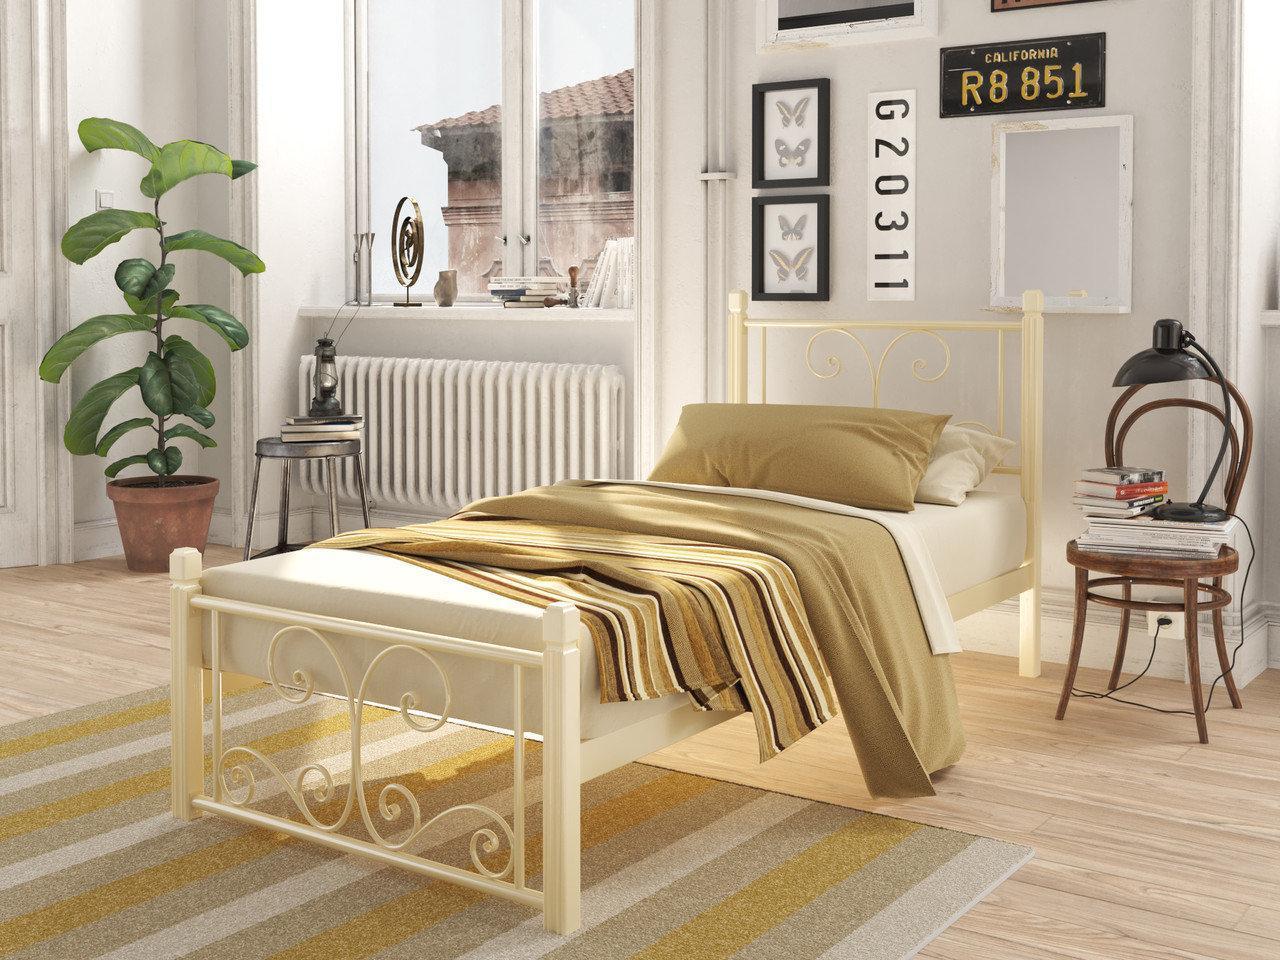 Металлическая кровать Нарцис (мини) на деревянных ножках